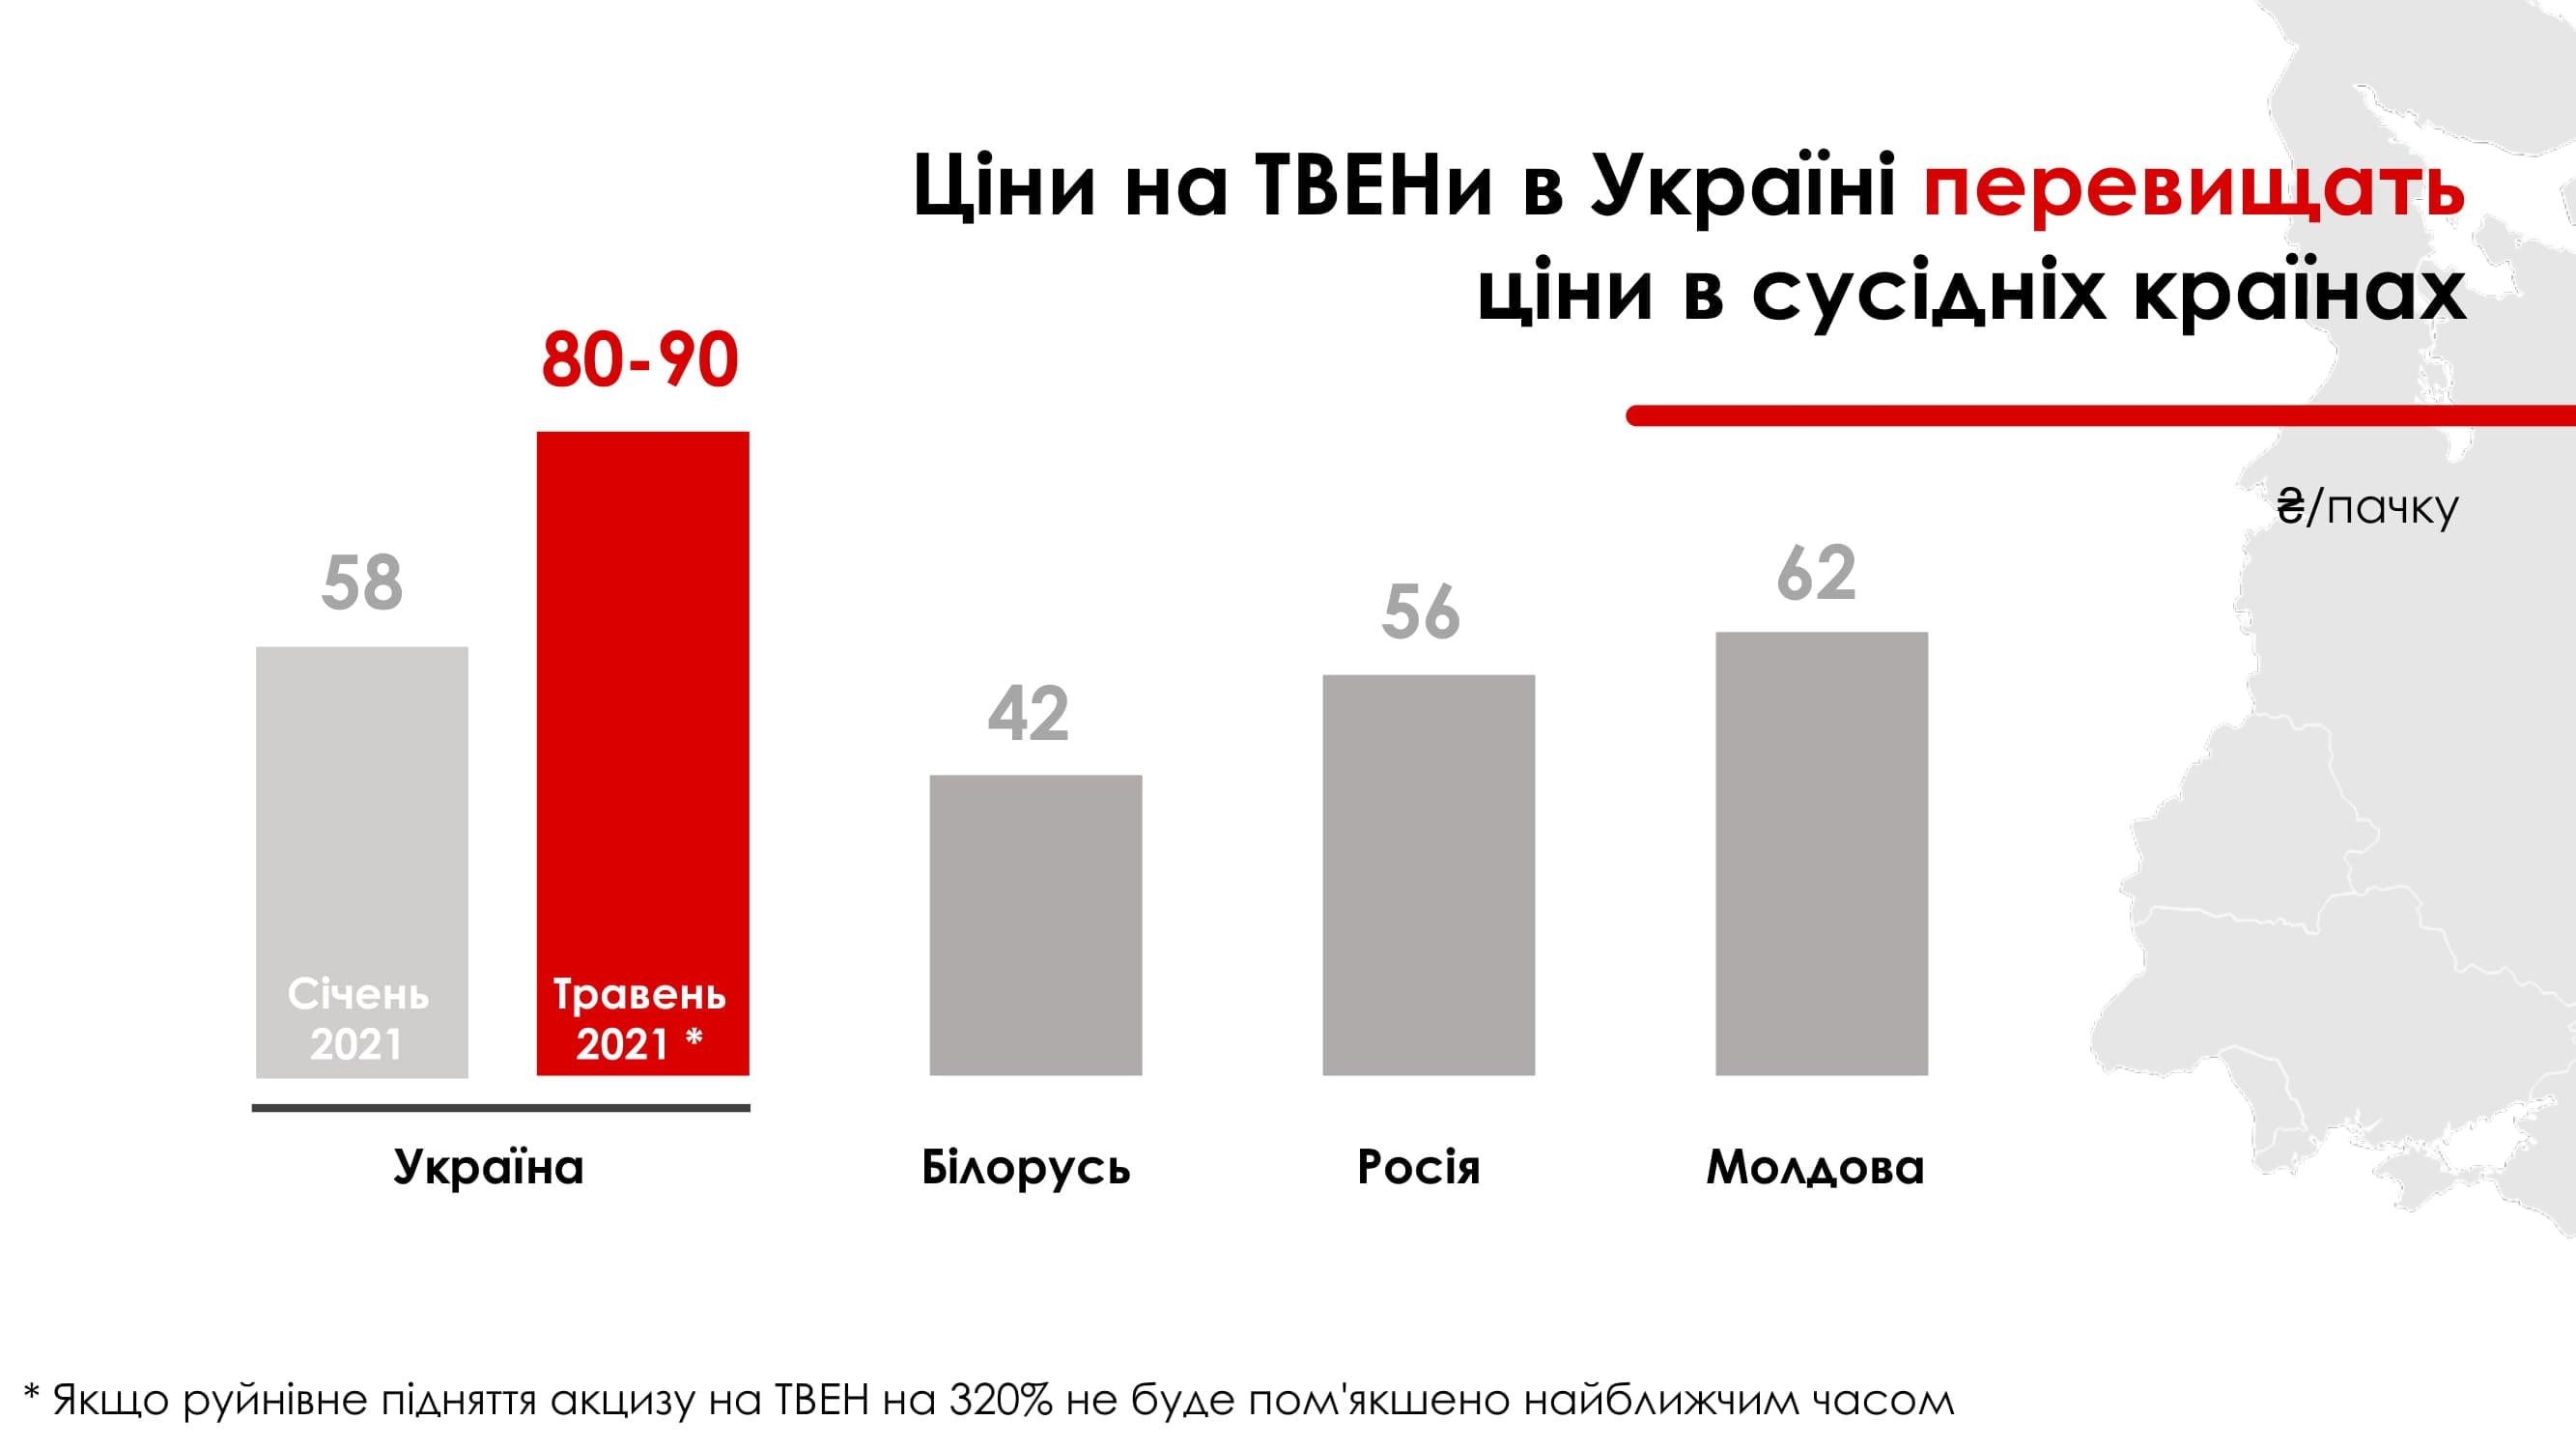 Ціни на ТВЕНи в Україні